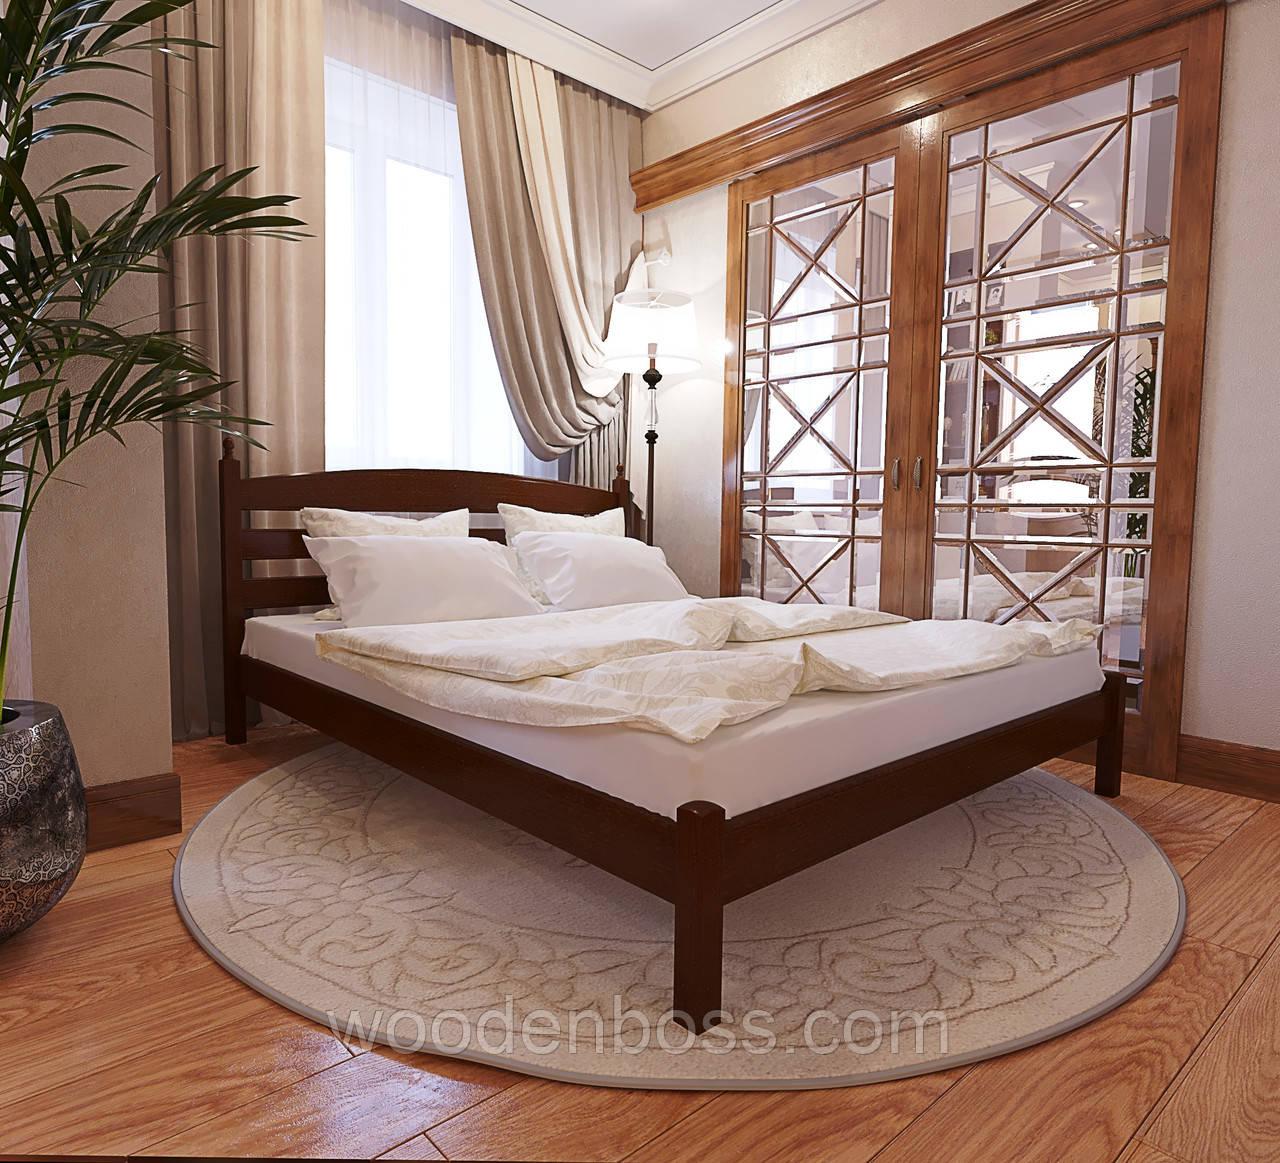 """Кровать односпальная от """"Wooden Boss"""" Классик (спальное место 80х190/200)"""